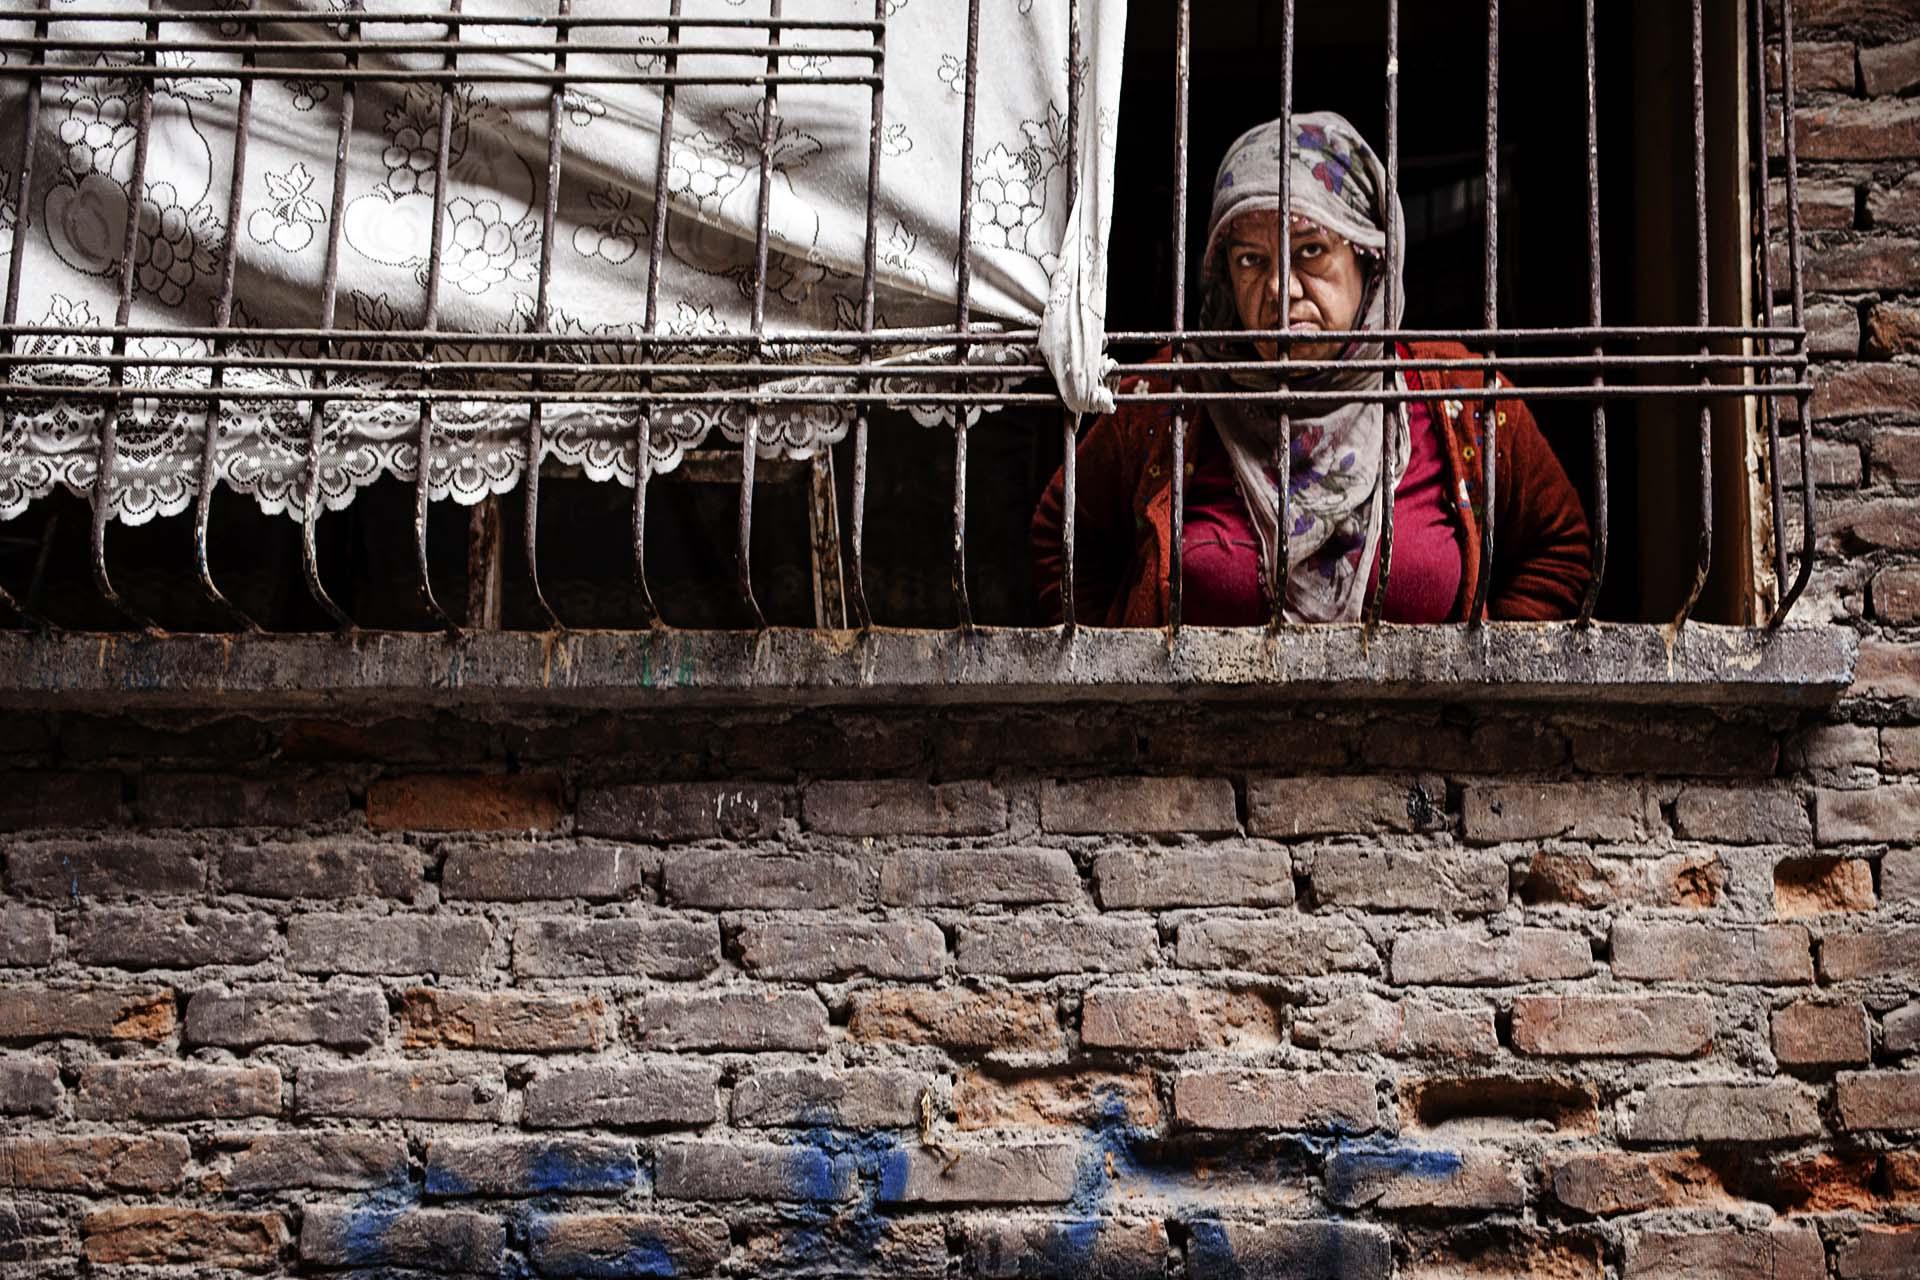 Muchos civiles se siente presos en sus propias casas por el acoso policial.